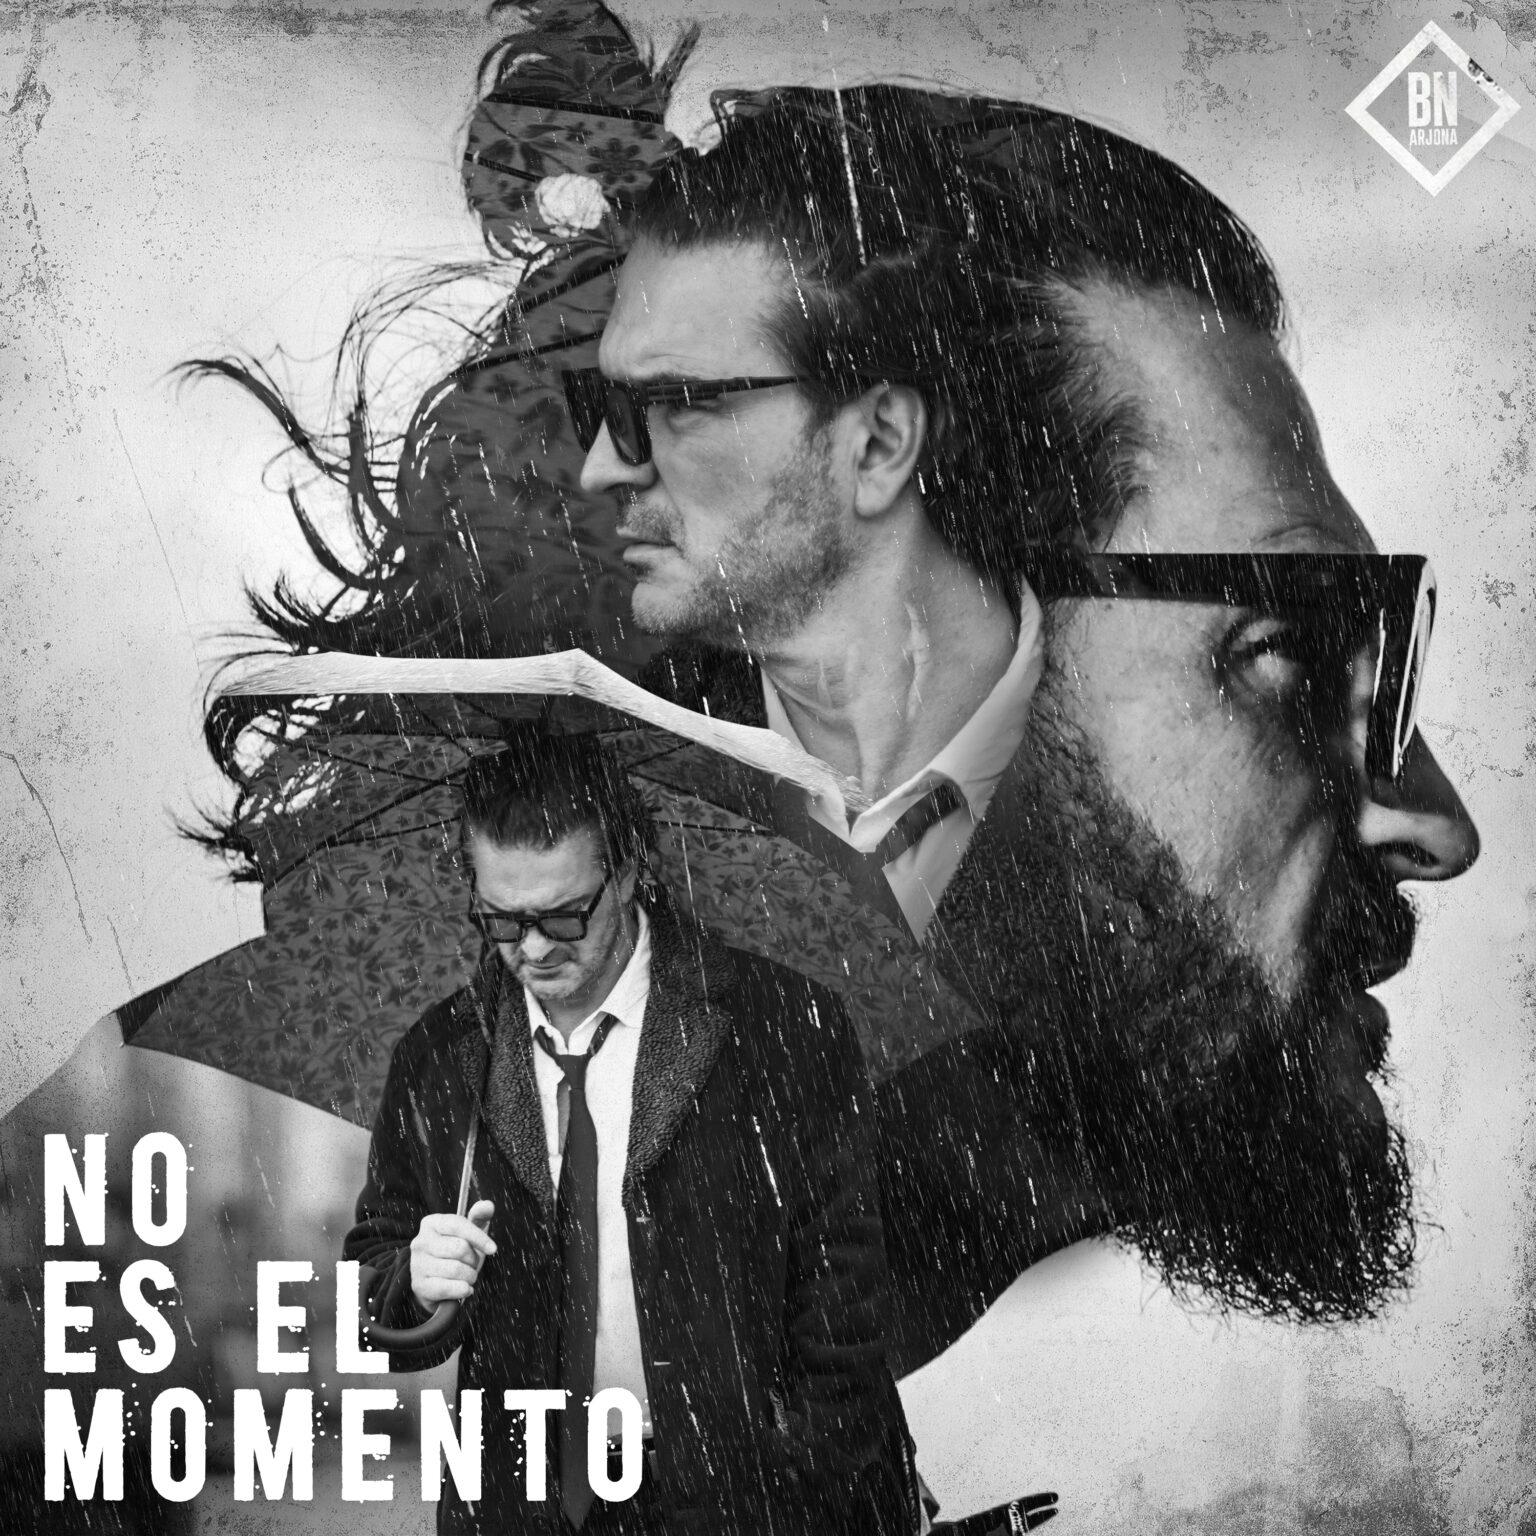 no-es-el-momento-copy-1536x1536